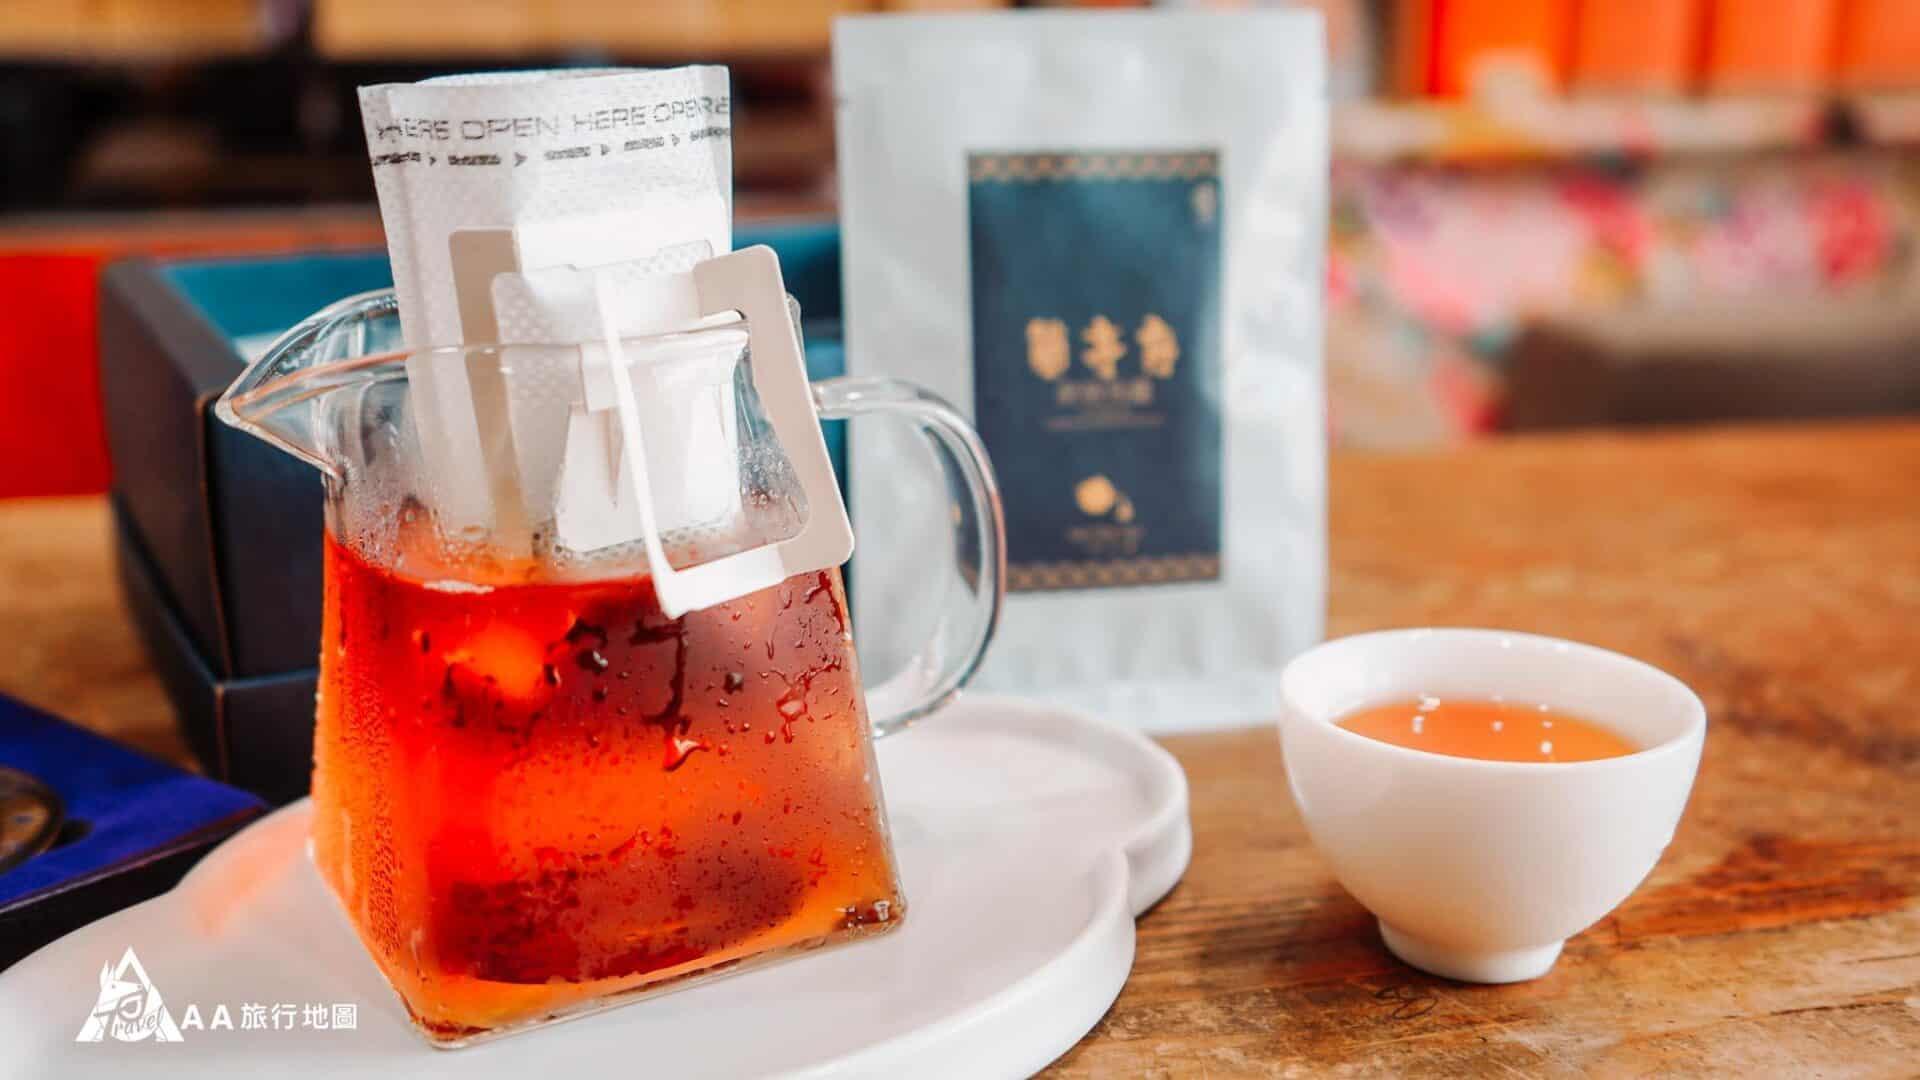 而且設計這種耳掛式的使用起來很方便,不用再為了臨時想喝茶去找茶具或者是濾茶網。